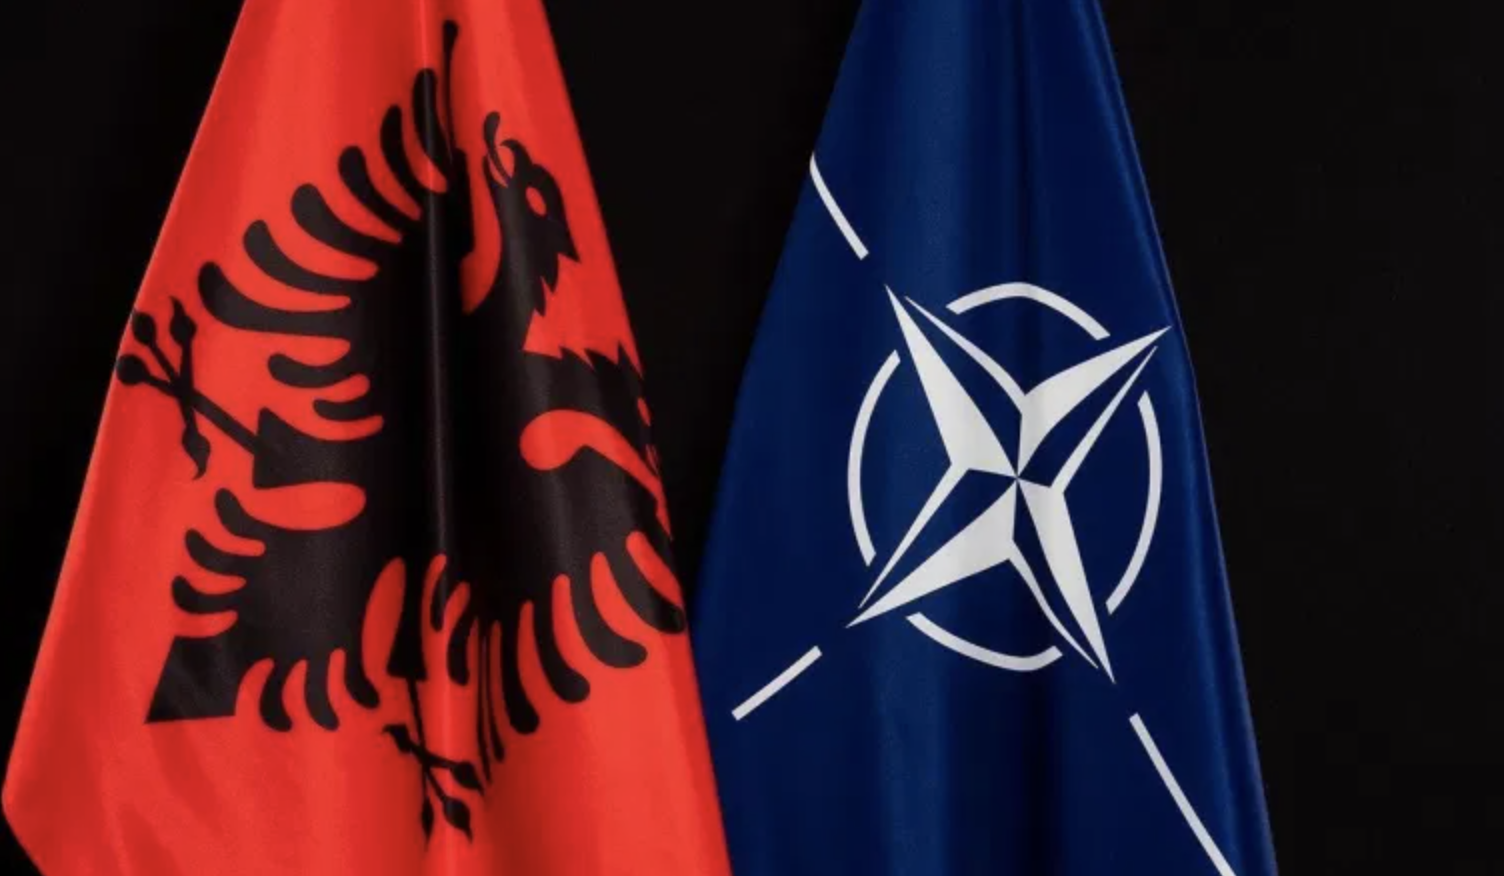 Albanija slavi 12 godina članstva u NATO